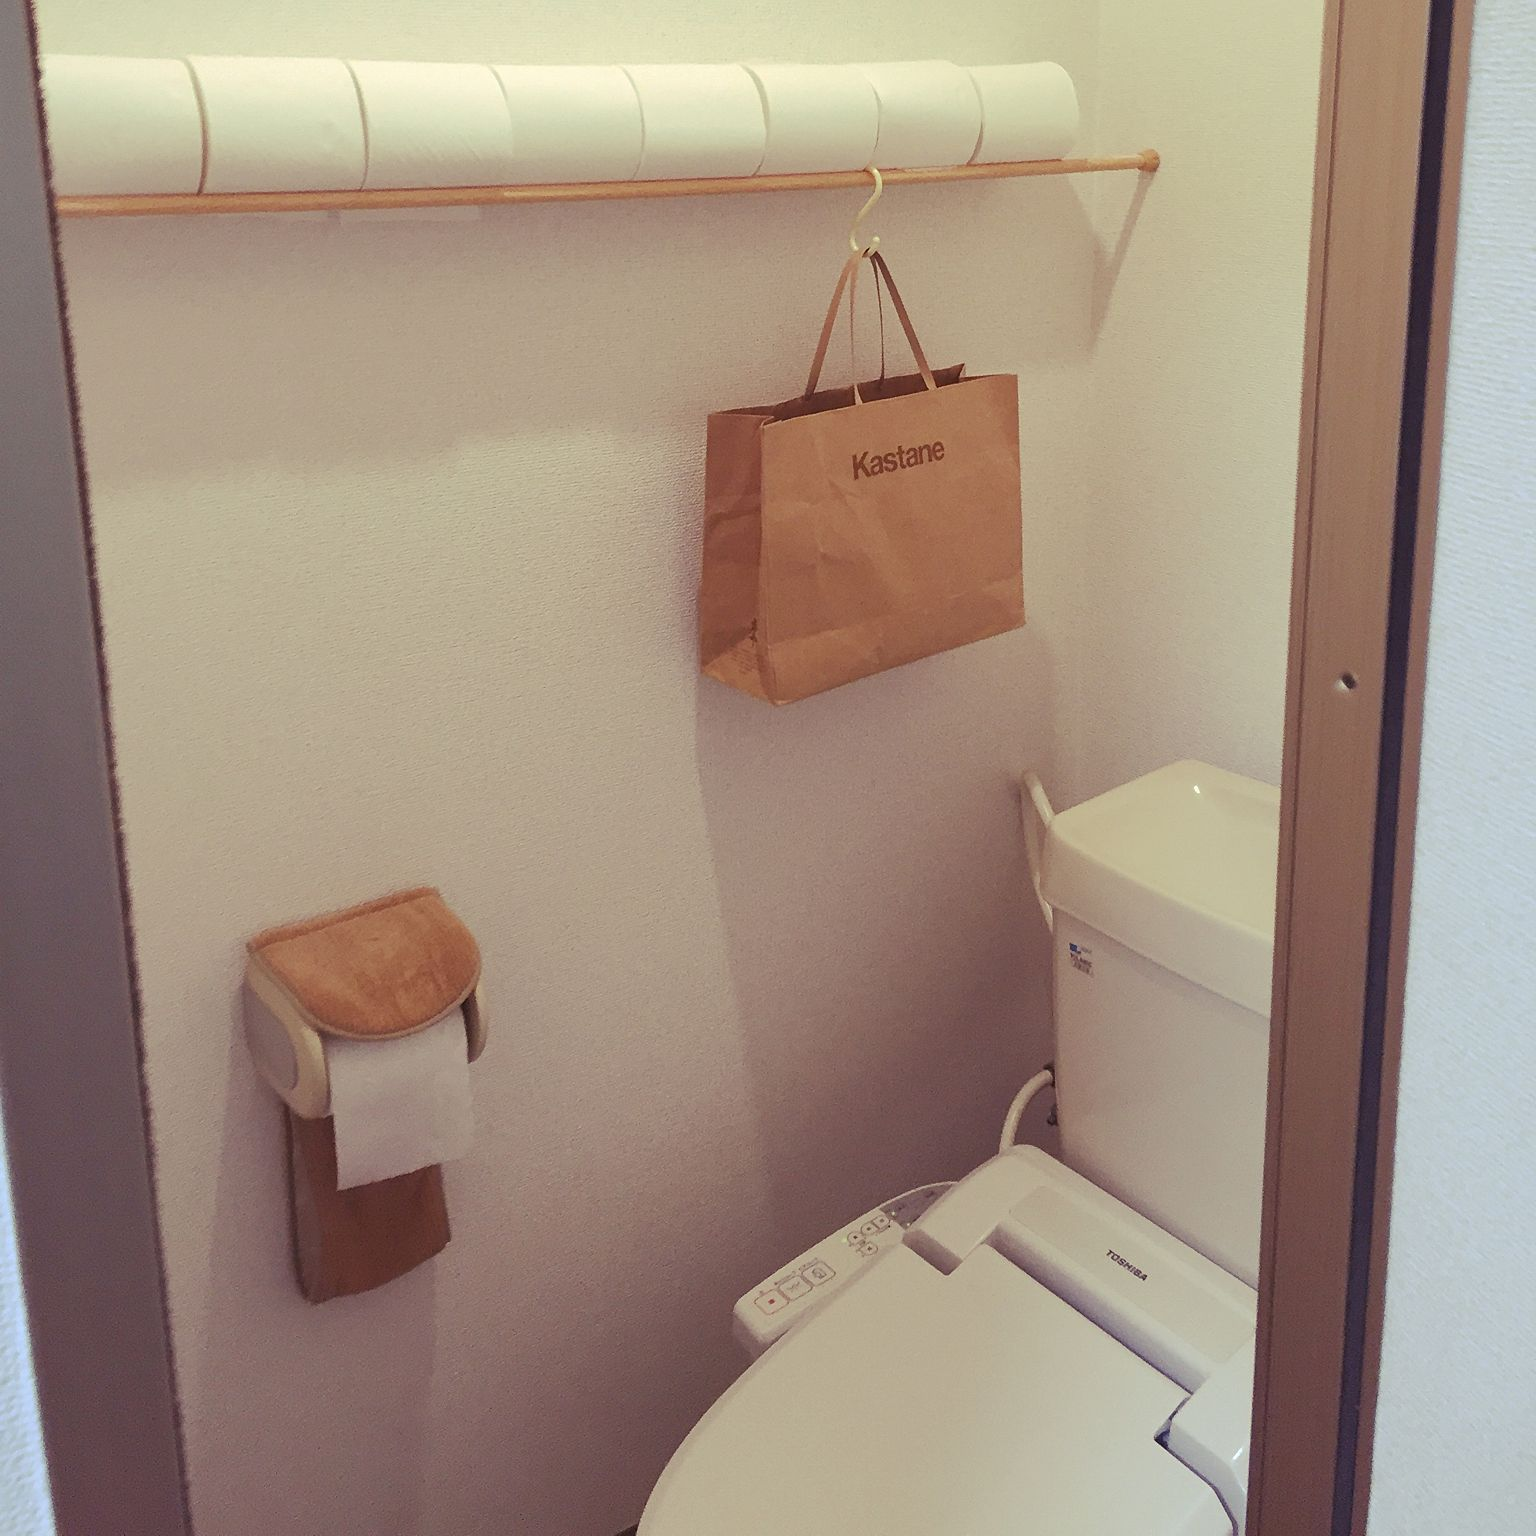 バス トイレ お金をかけない アイディア収納 シンプル つっぱり棒 などのインテリア実例 2016 06 07 17 15 33 Roomclip ルームクリップ トイレットペーパー 収納 インテリア 収納 トイレ 収納 無印